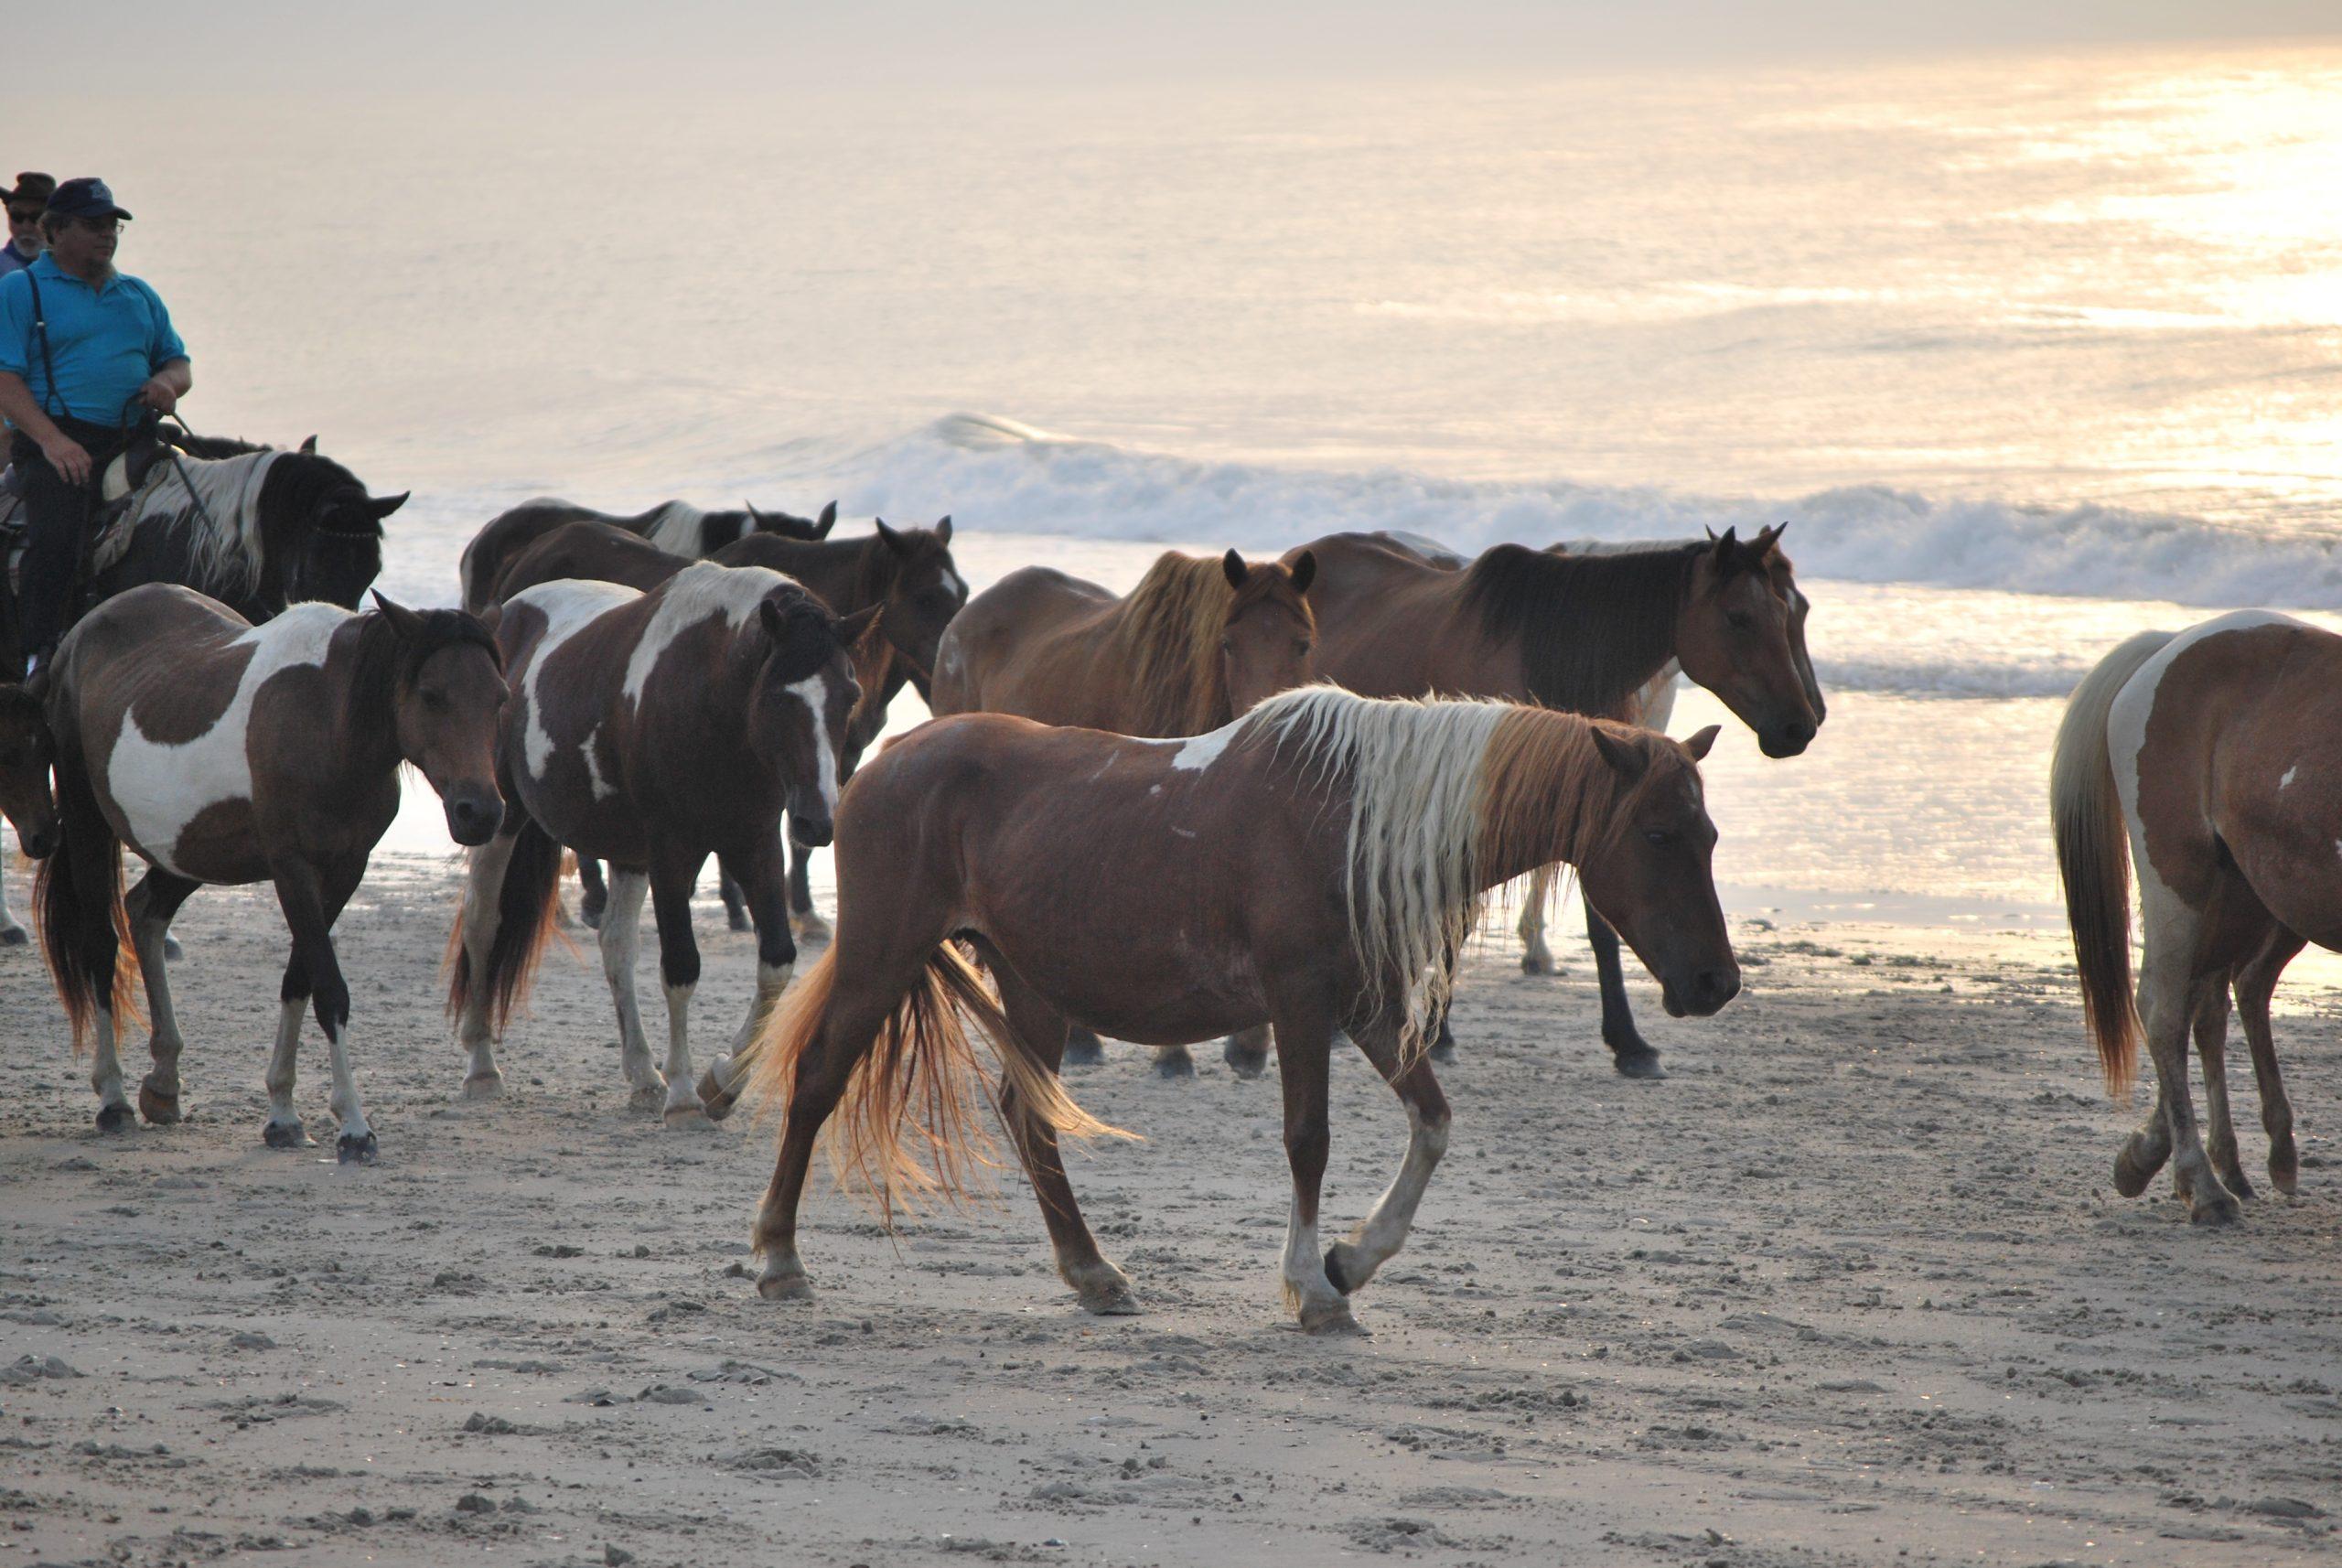 Chincoteague Ponies Walk the Beach